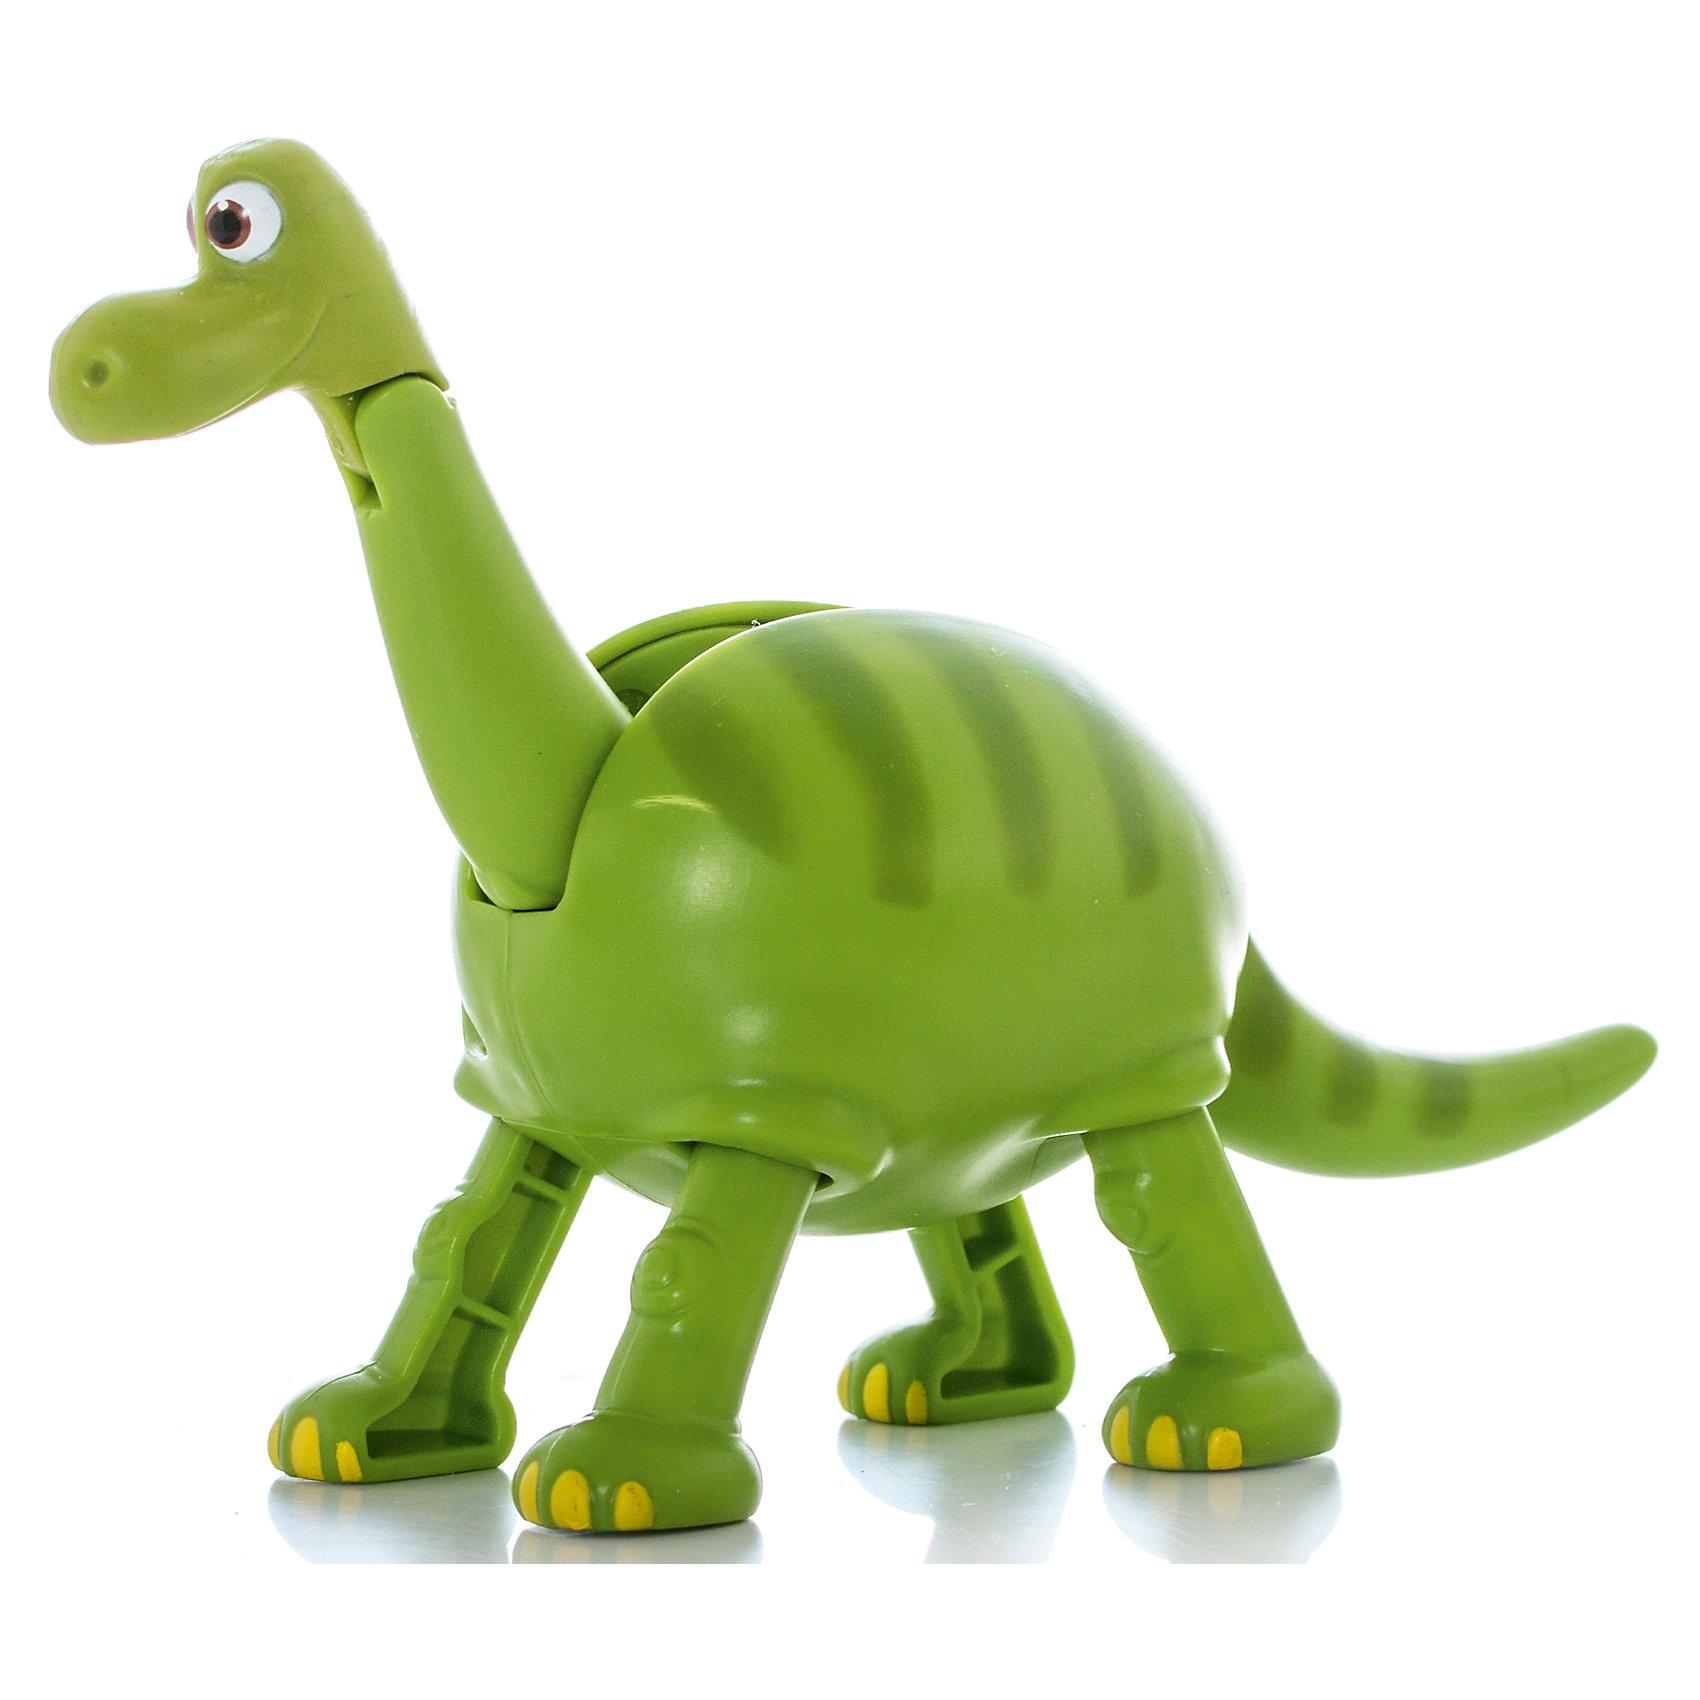 EggStars Яйцо-трансформер Арло, Хороший динозавр, EggStars купить хороший недорогой фотоаппарат отзывы